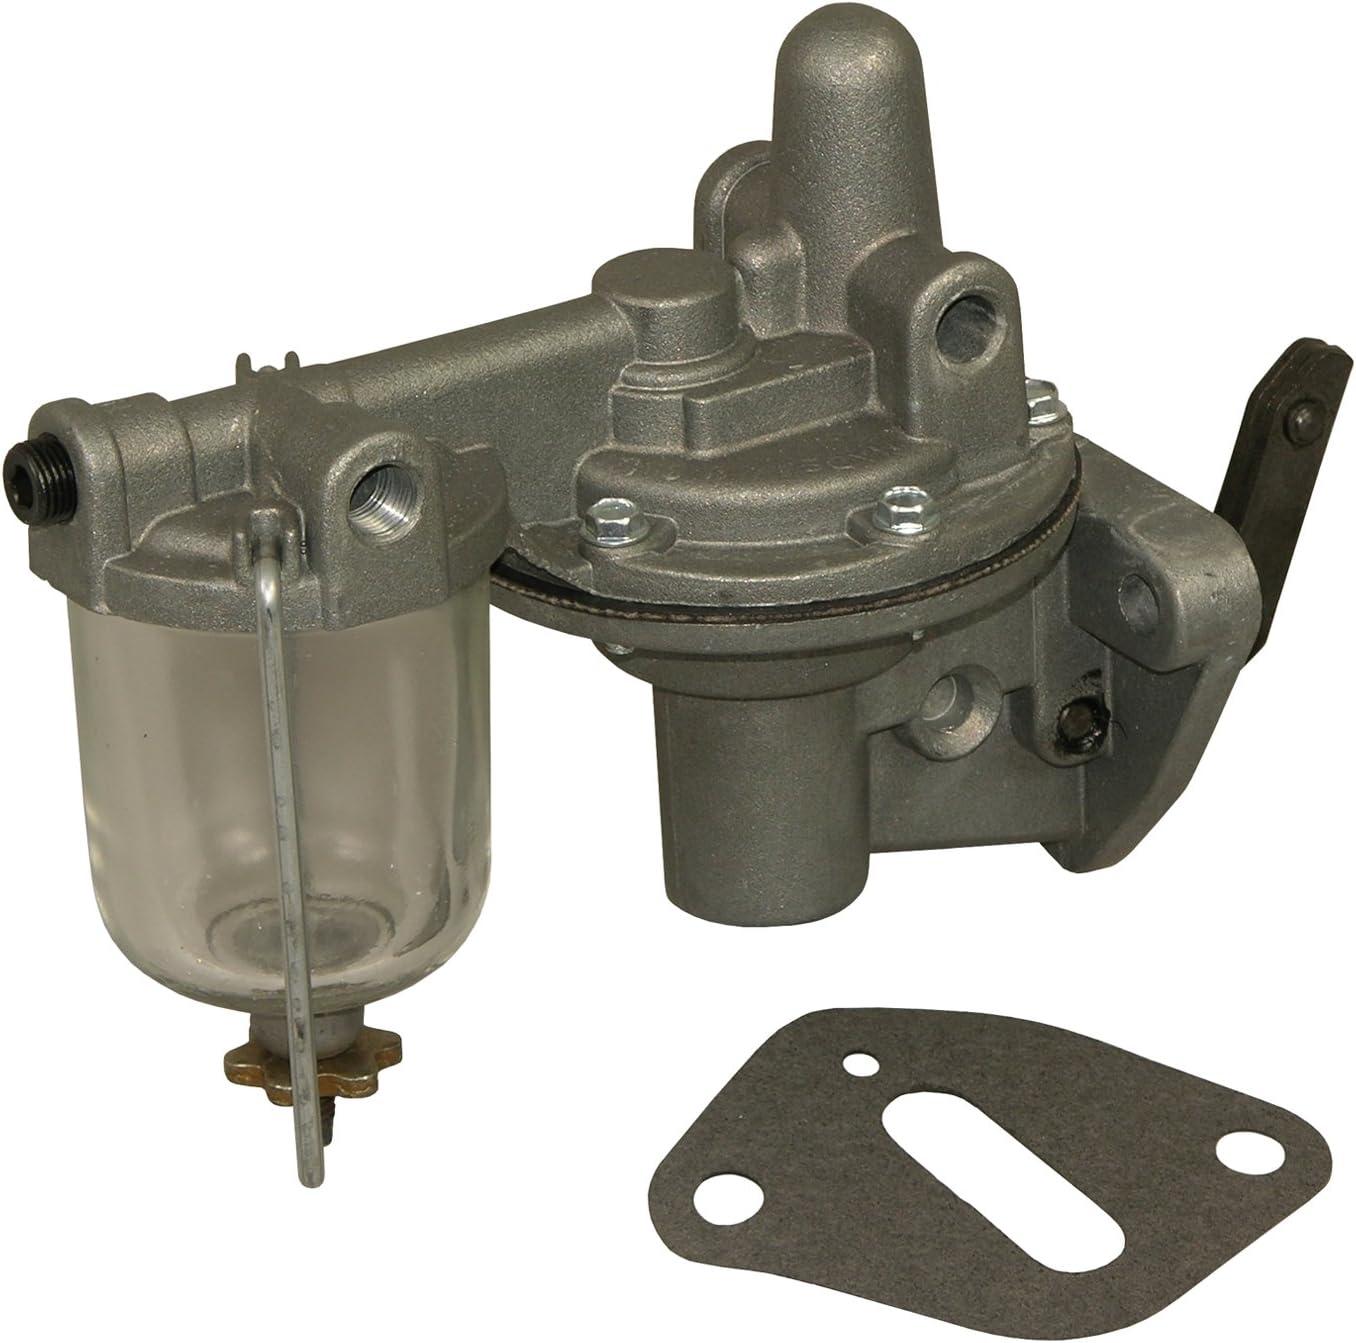 Airtex 9543 Fuel Pump